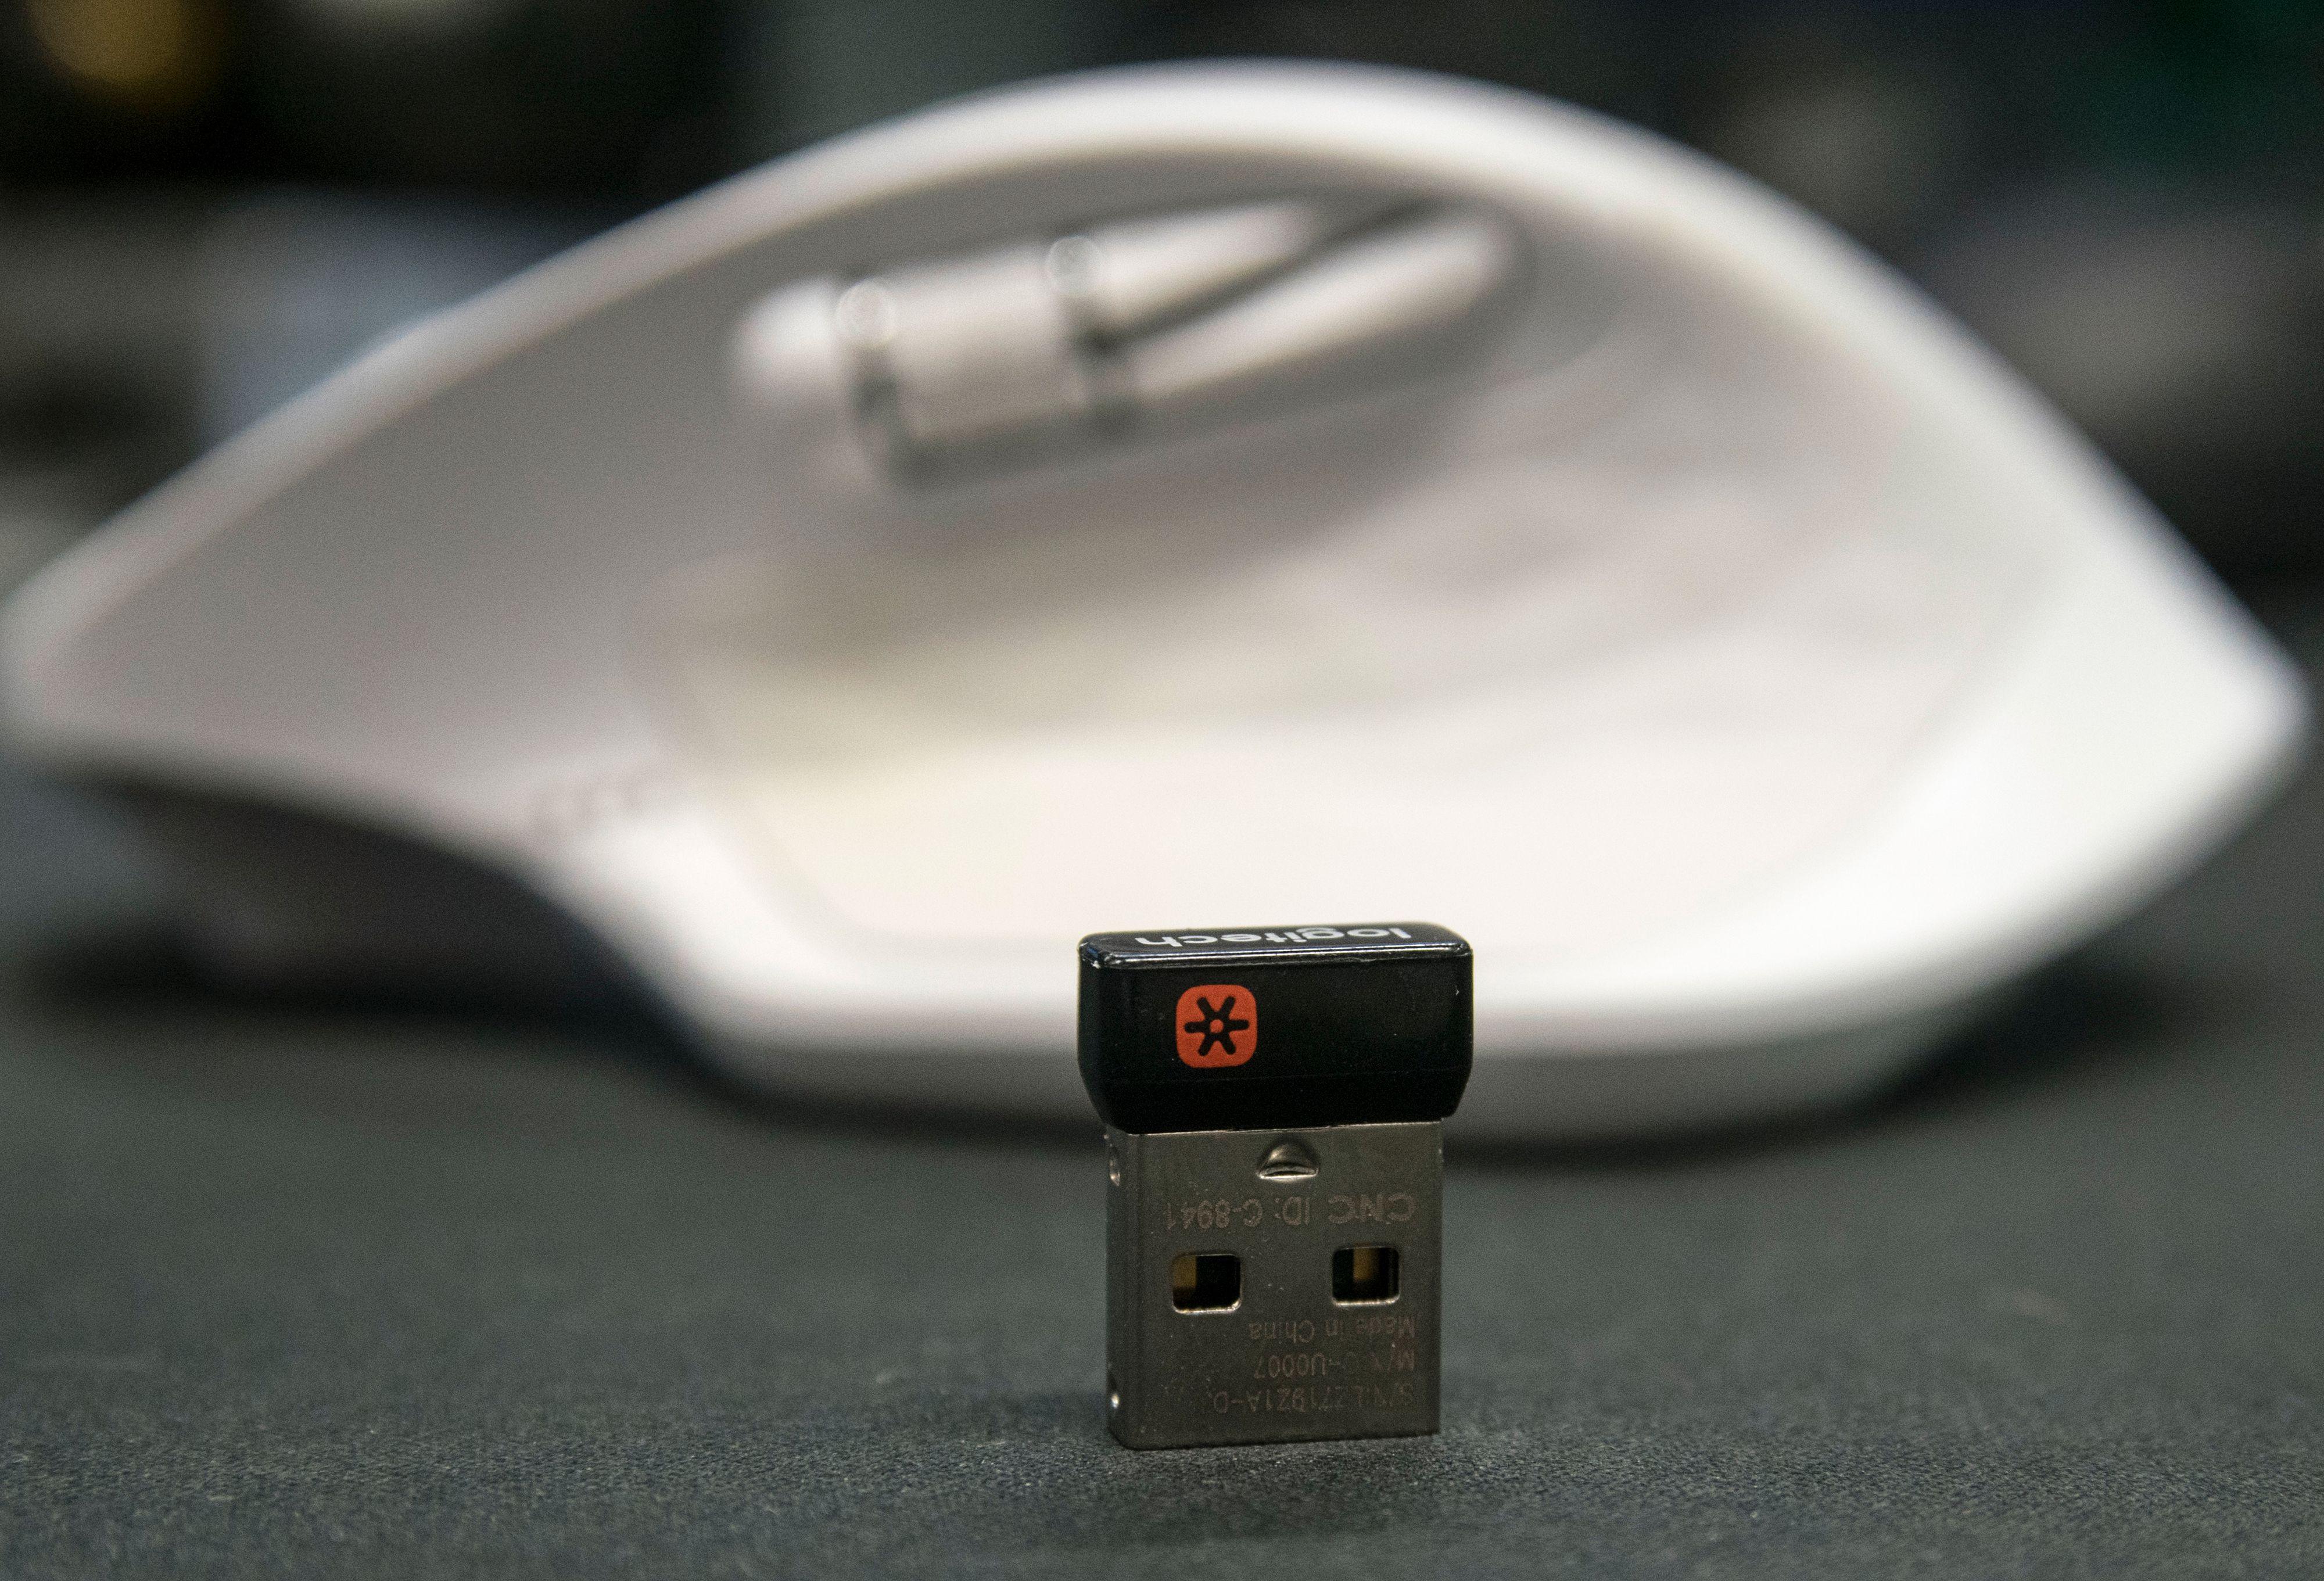 Logitechs Unifying-mottaker passer med de fleste nyere Logitech-mus og koster relativt lite å erstatte. MX Master 2S kan bruke en slik liten plugg, eller Bluetooth-funksjonen som er bygget inn i PC-en din.